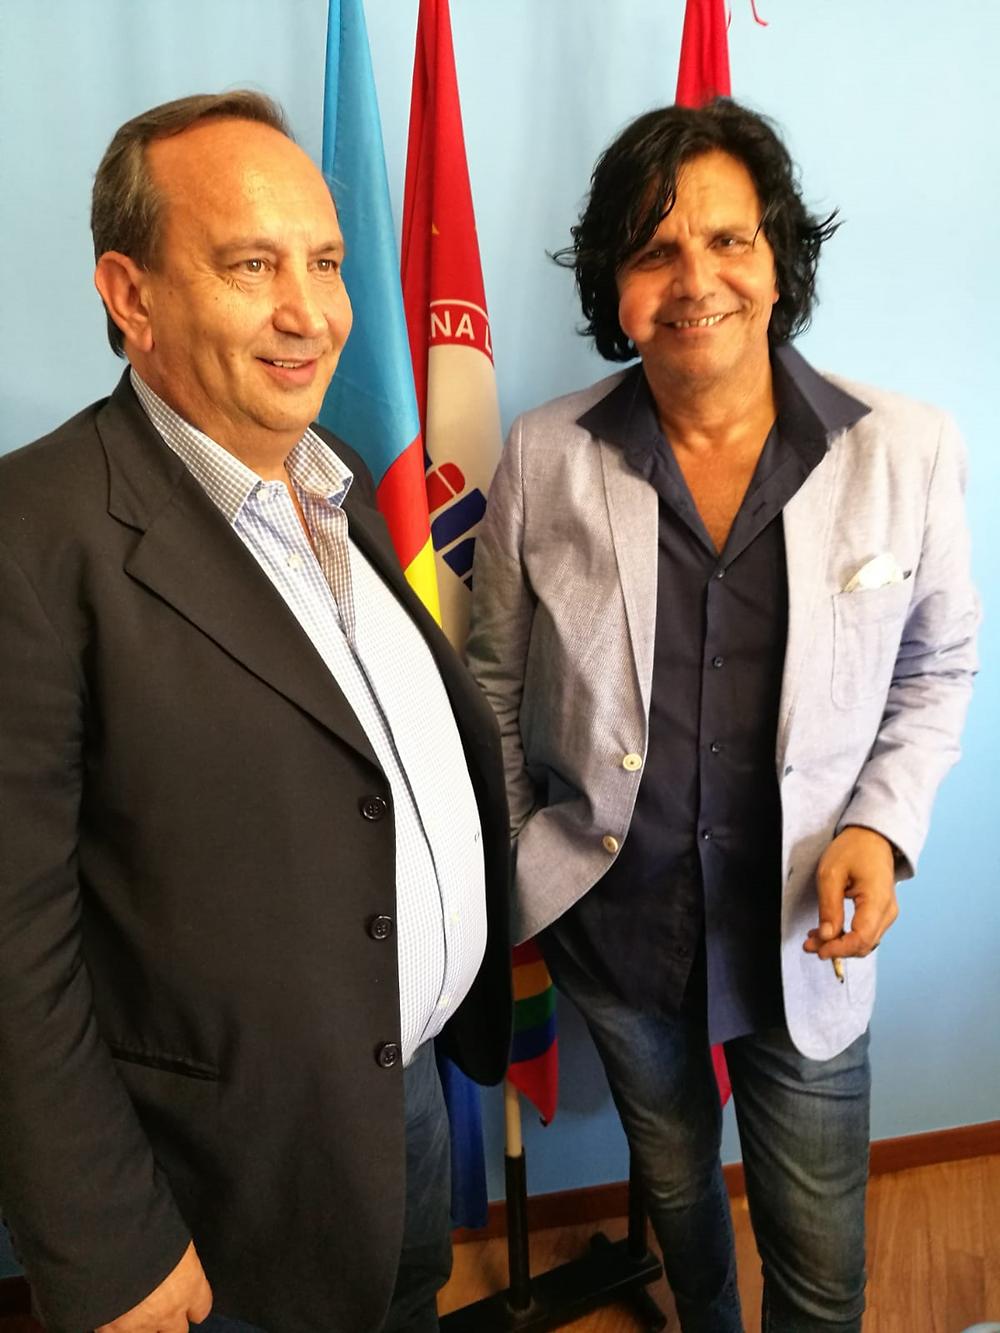 Crescenzo Auriemma e Ciro Pistone: la squadra della Uilm che ha seguito l'azienda negli anni di vertenza